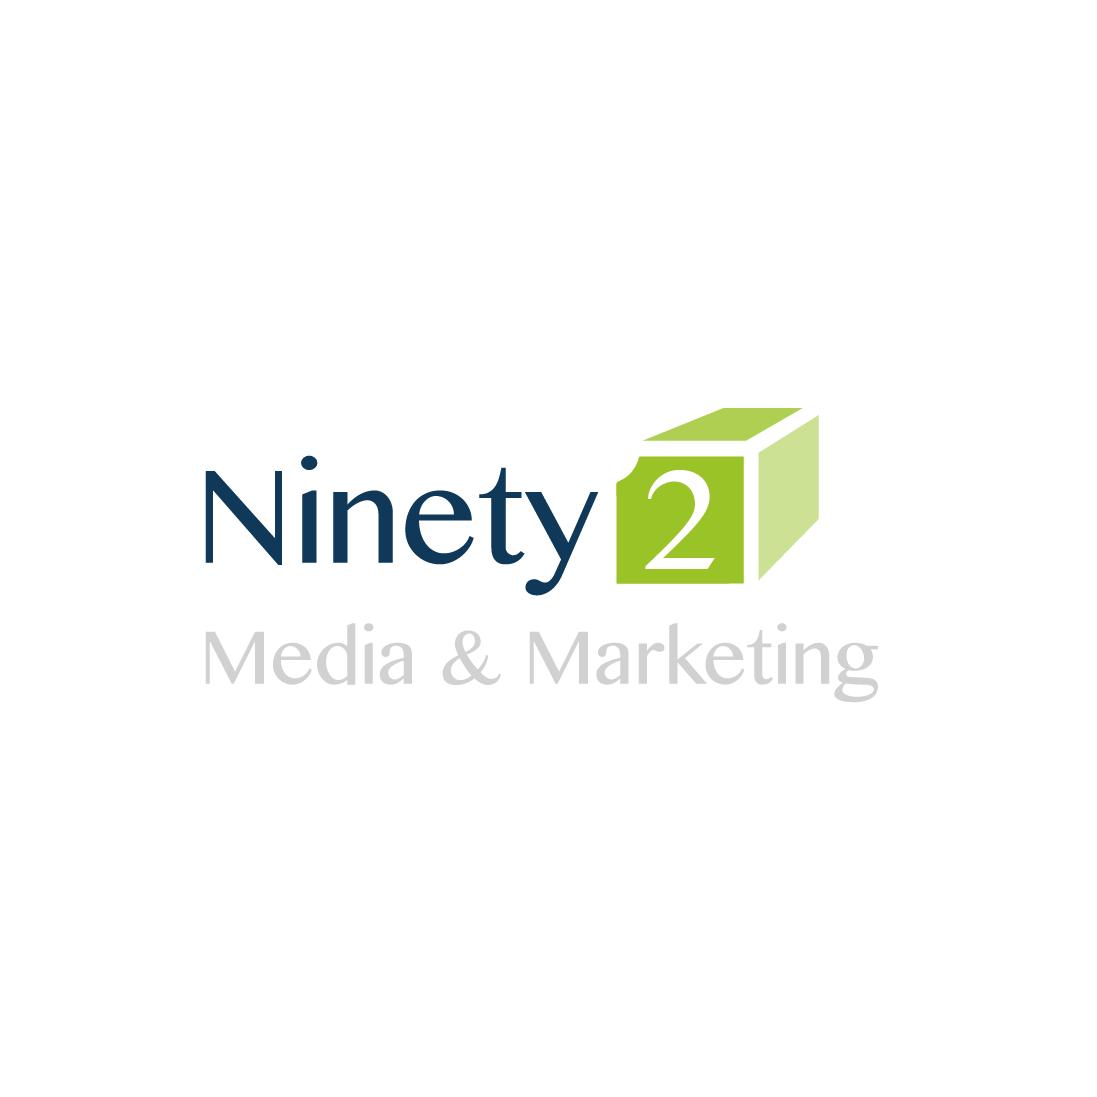 Ninety 2 Media Marketing logo-01.png